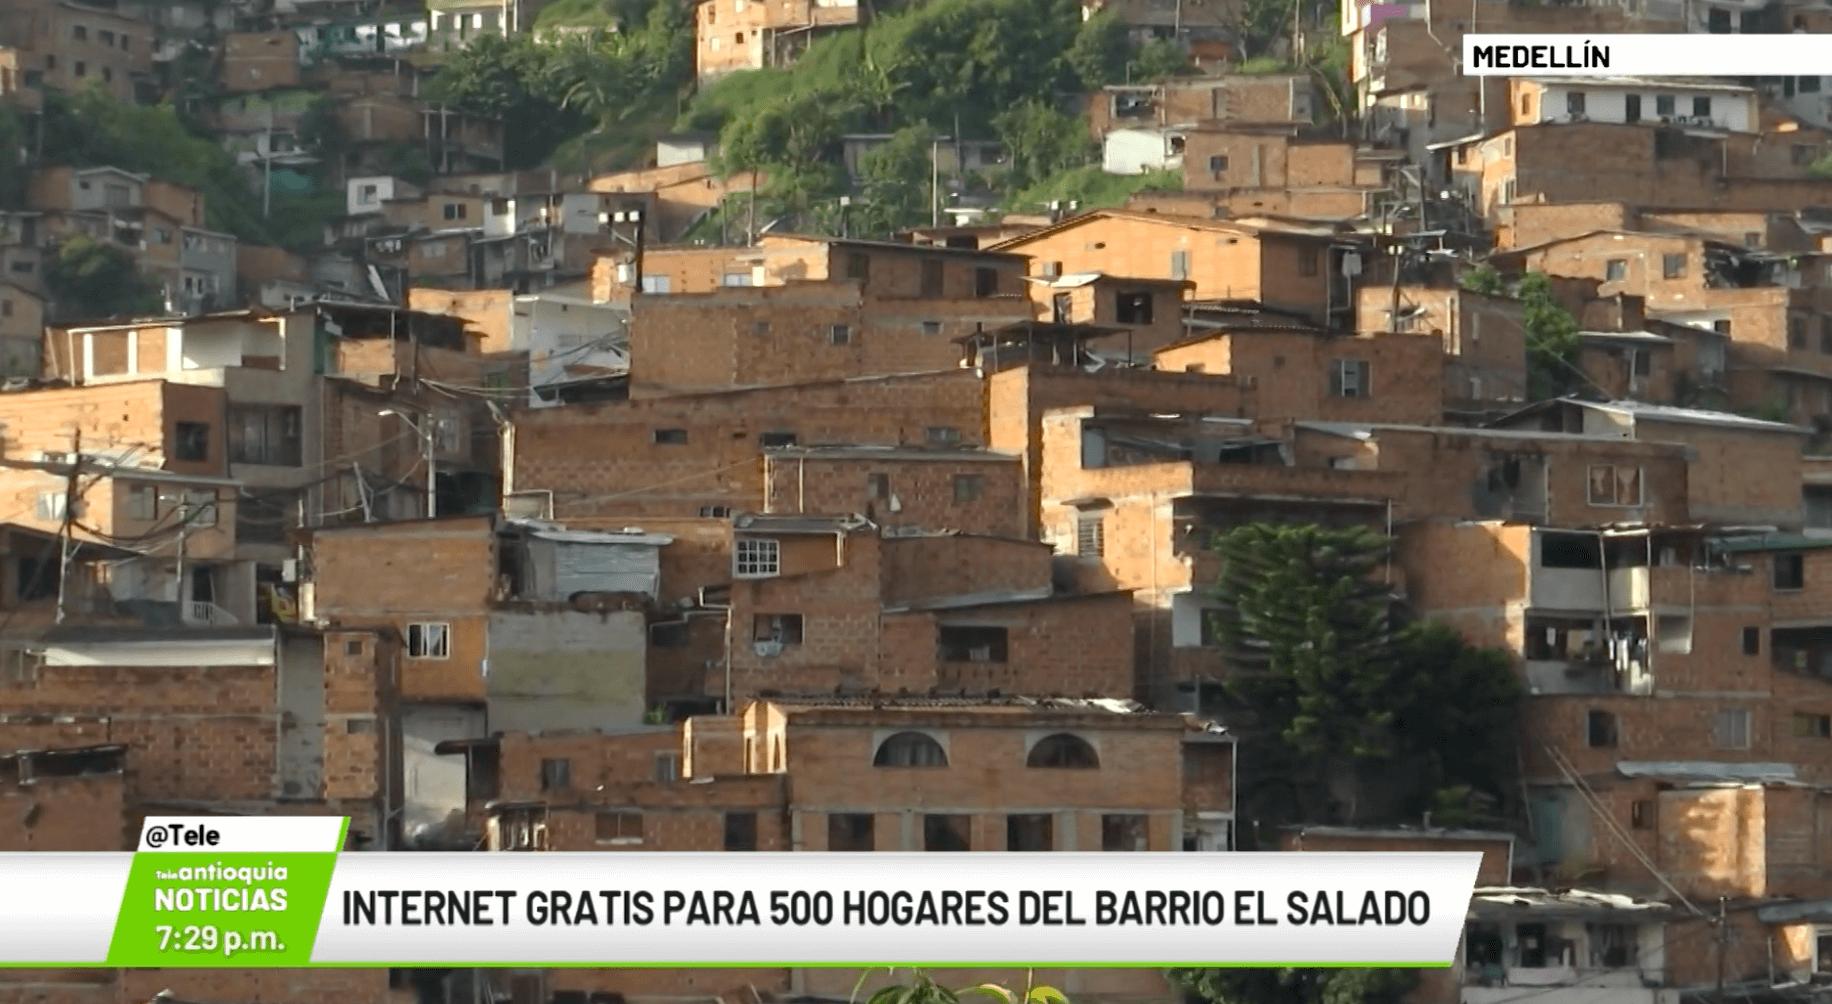 Internet gratis para 500 hogares del barrio El Salado